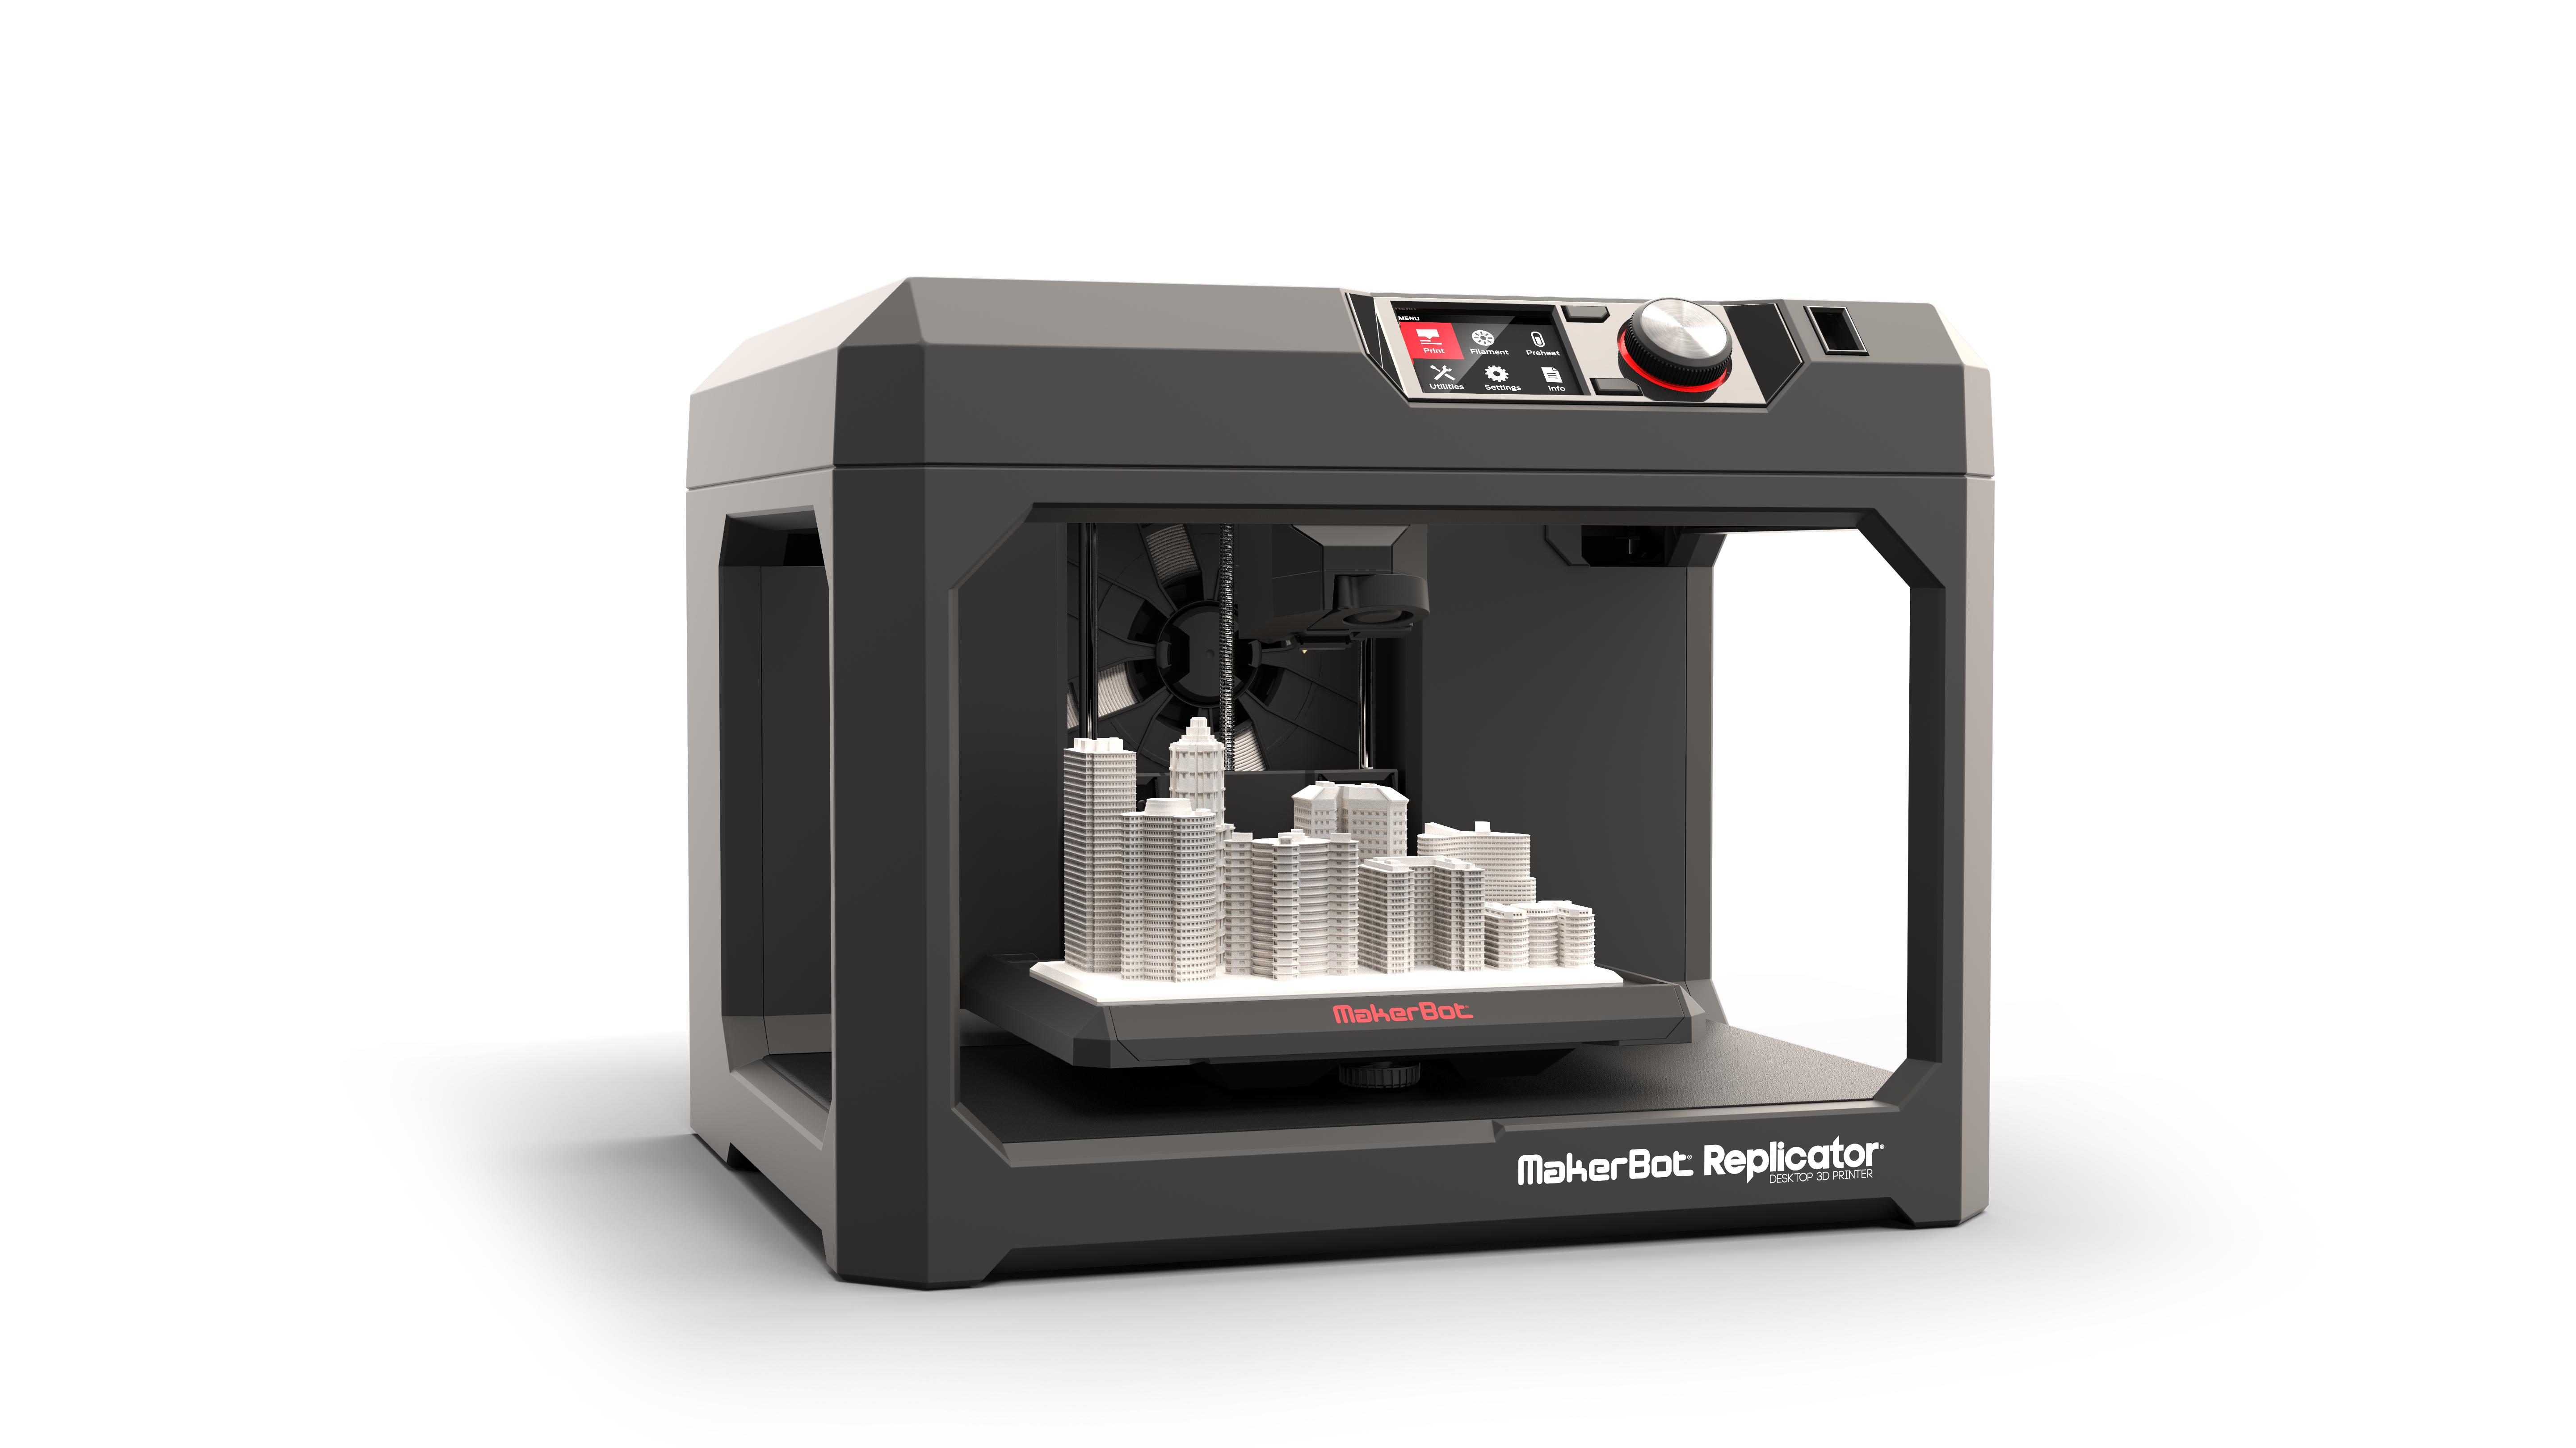 Makerbot Replicator Desktop 3d Printer Wins Red Dot Design Award Business Wire